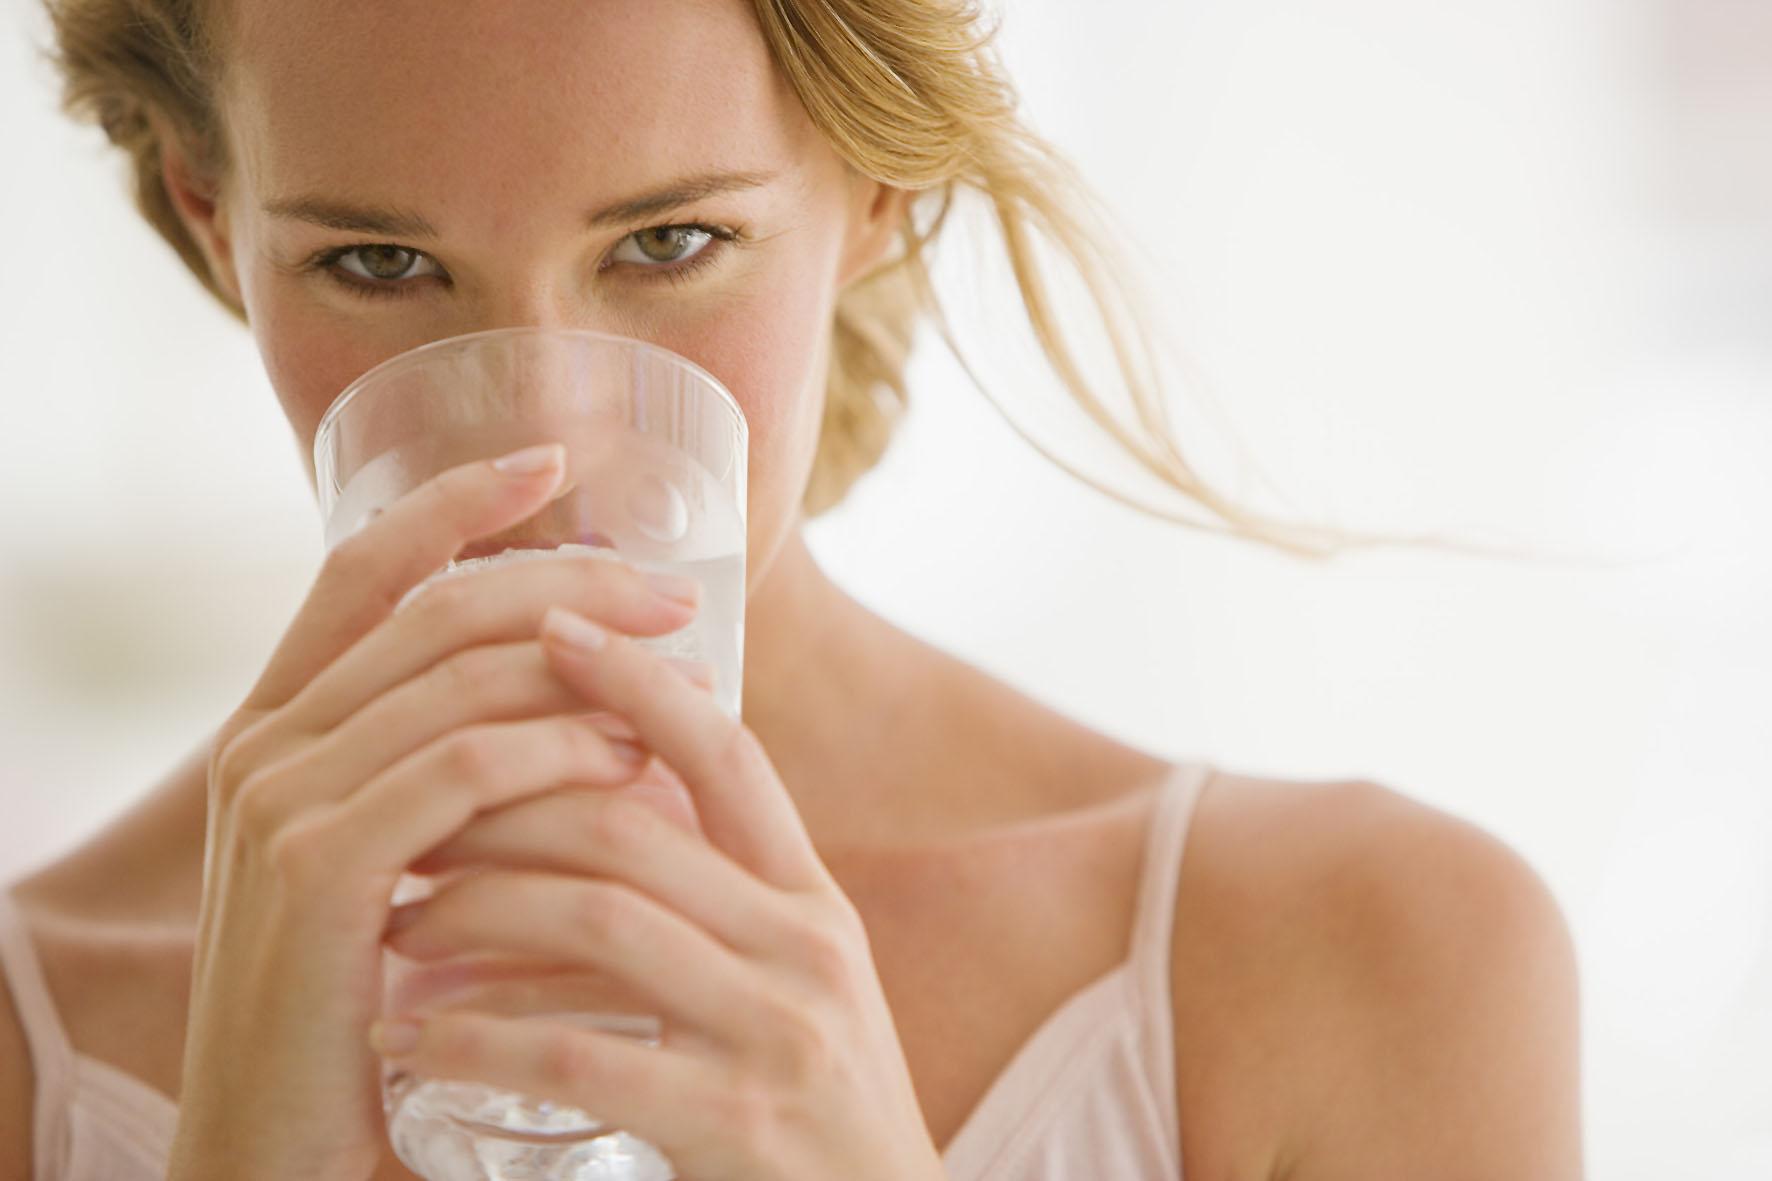 Ăn uống các loại thực phẩm tránh sẹo lõm